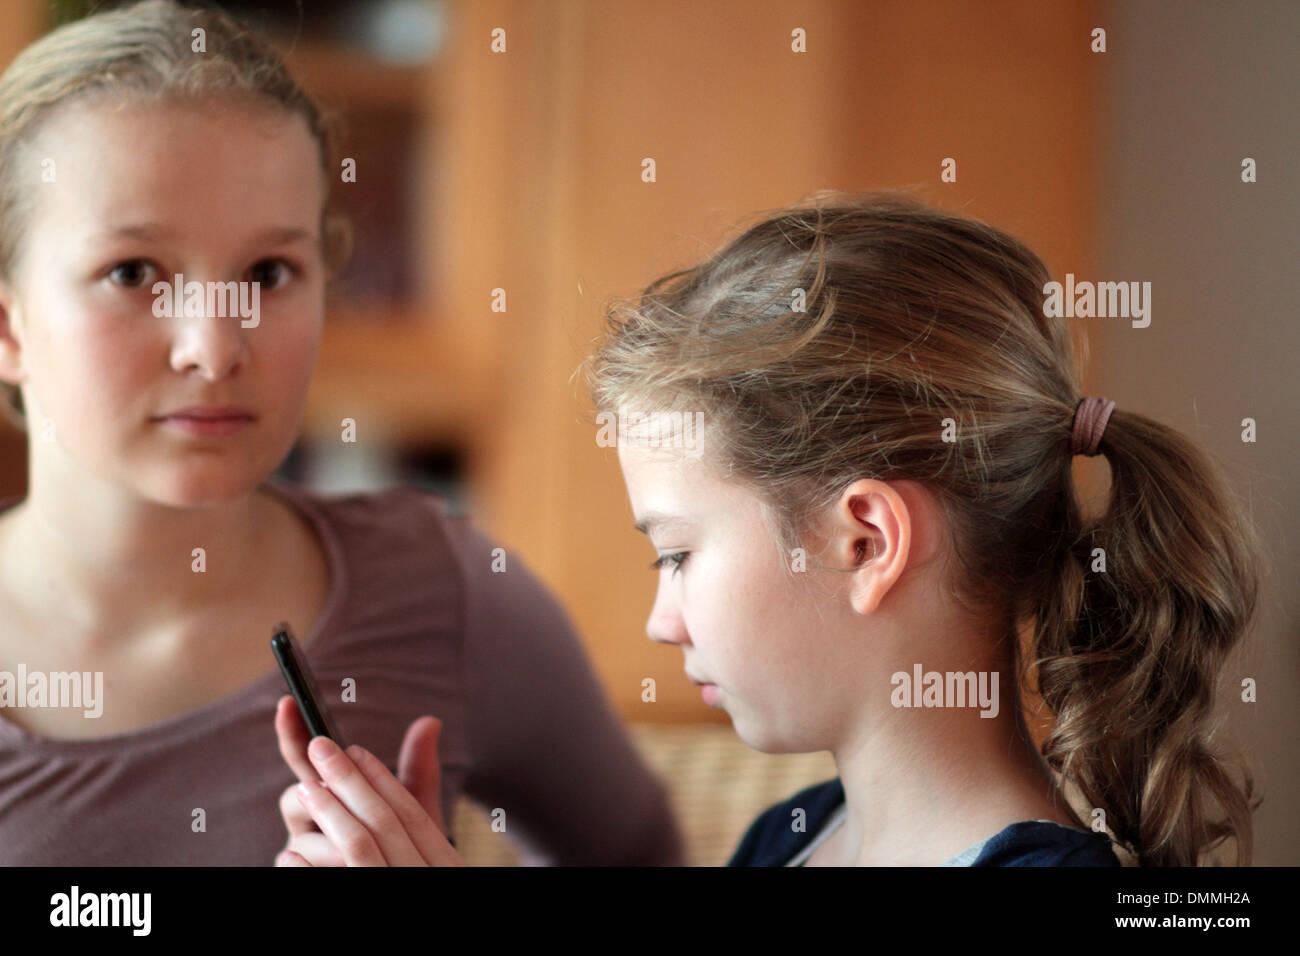 Le ragazze alla ricerca di un telefono in una sala insieme Immagini Stock